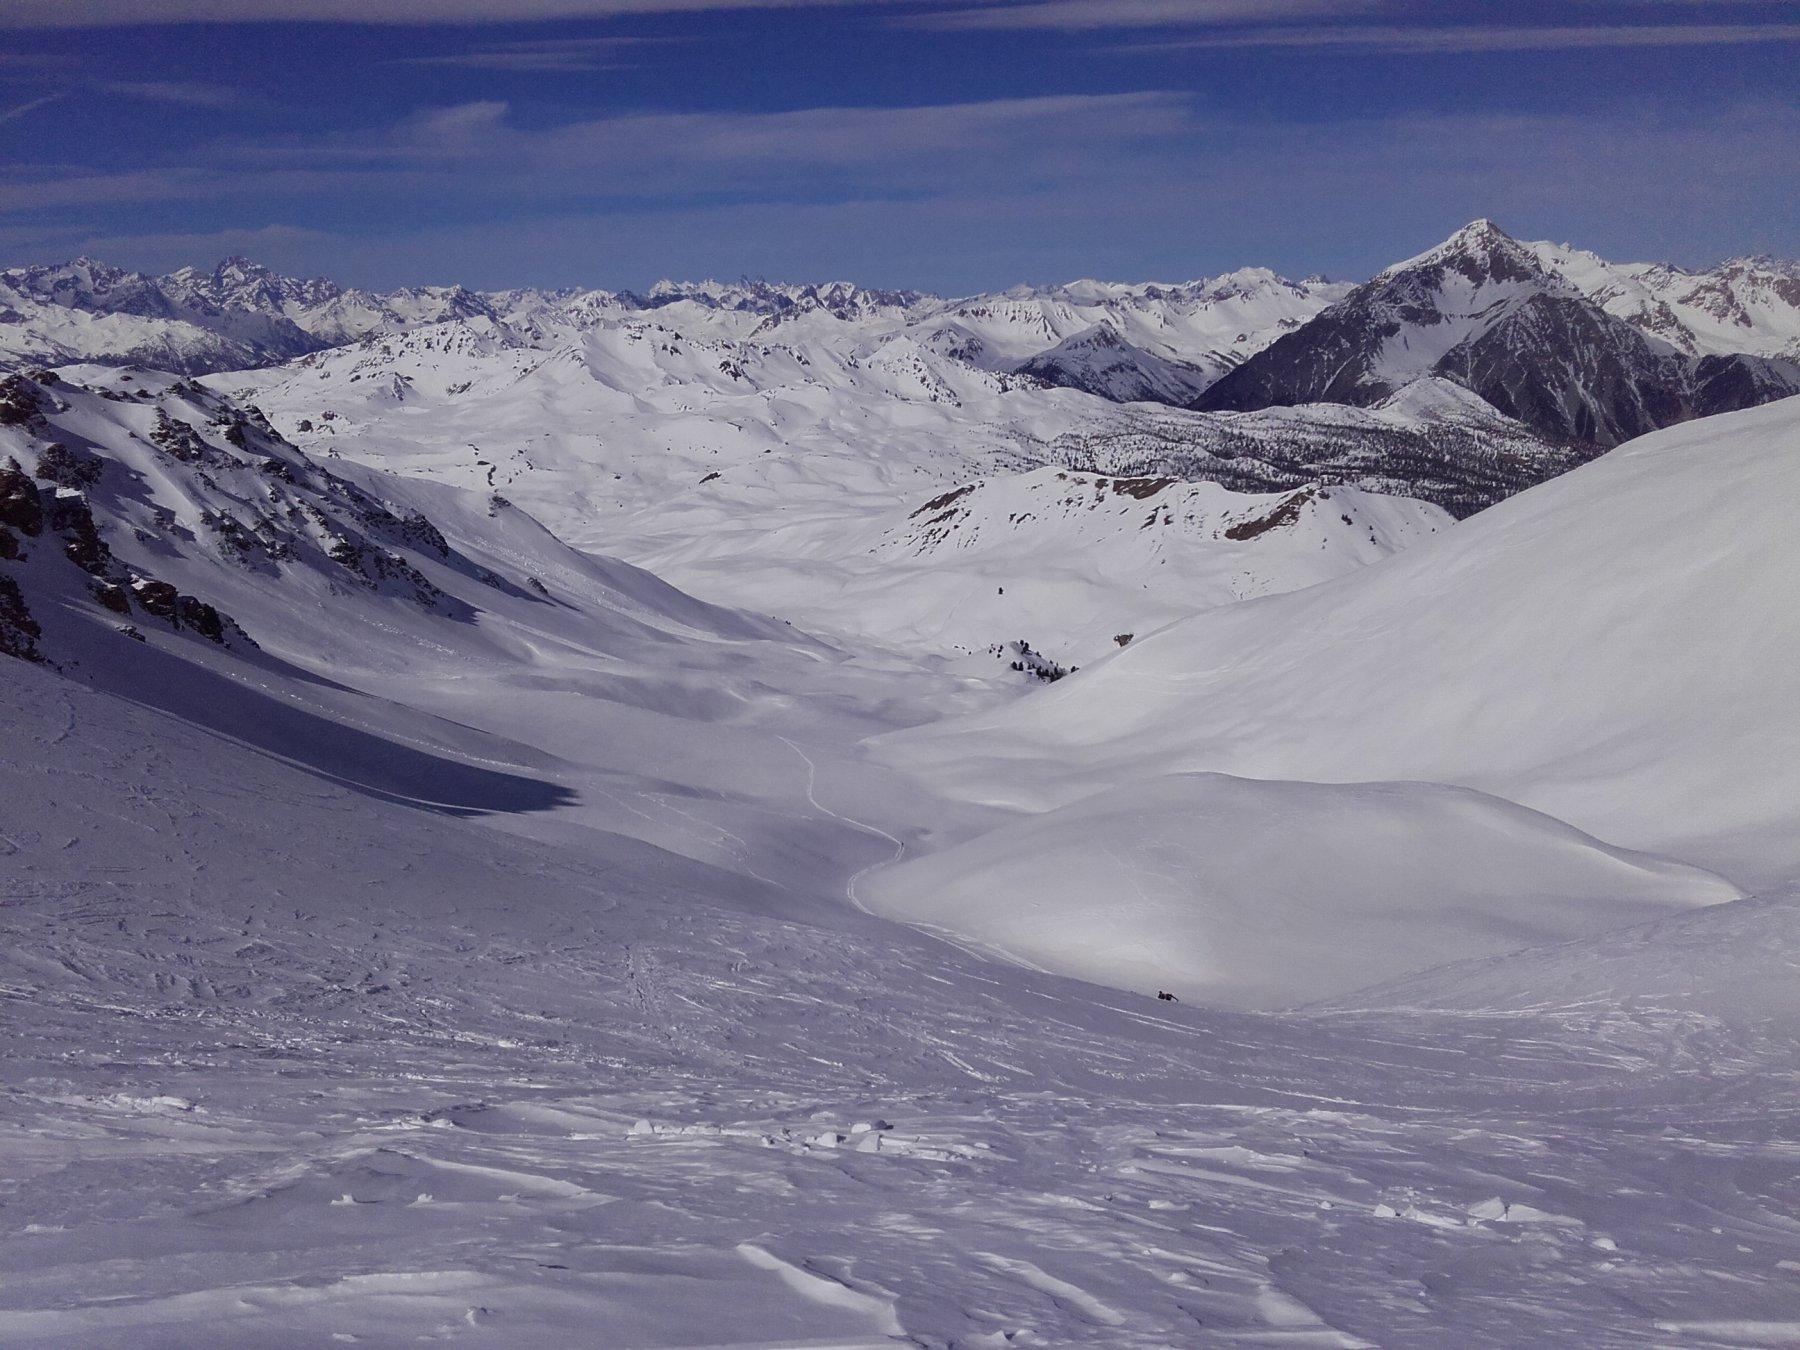 Il vallone della Dormillouse dai pressi della cima